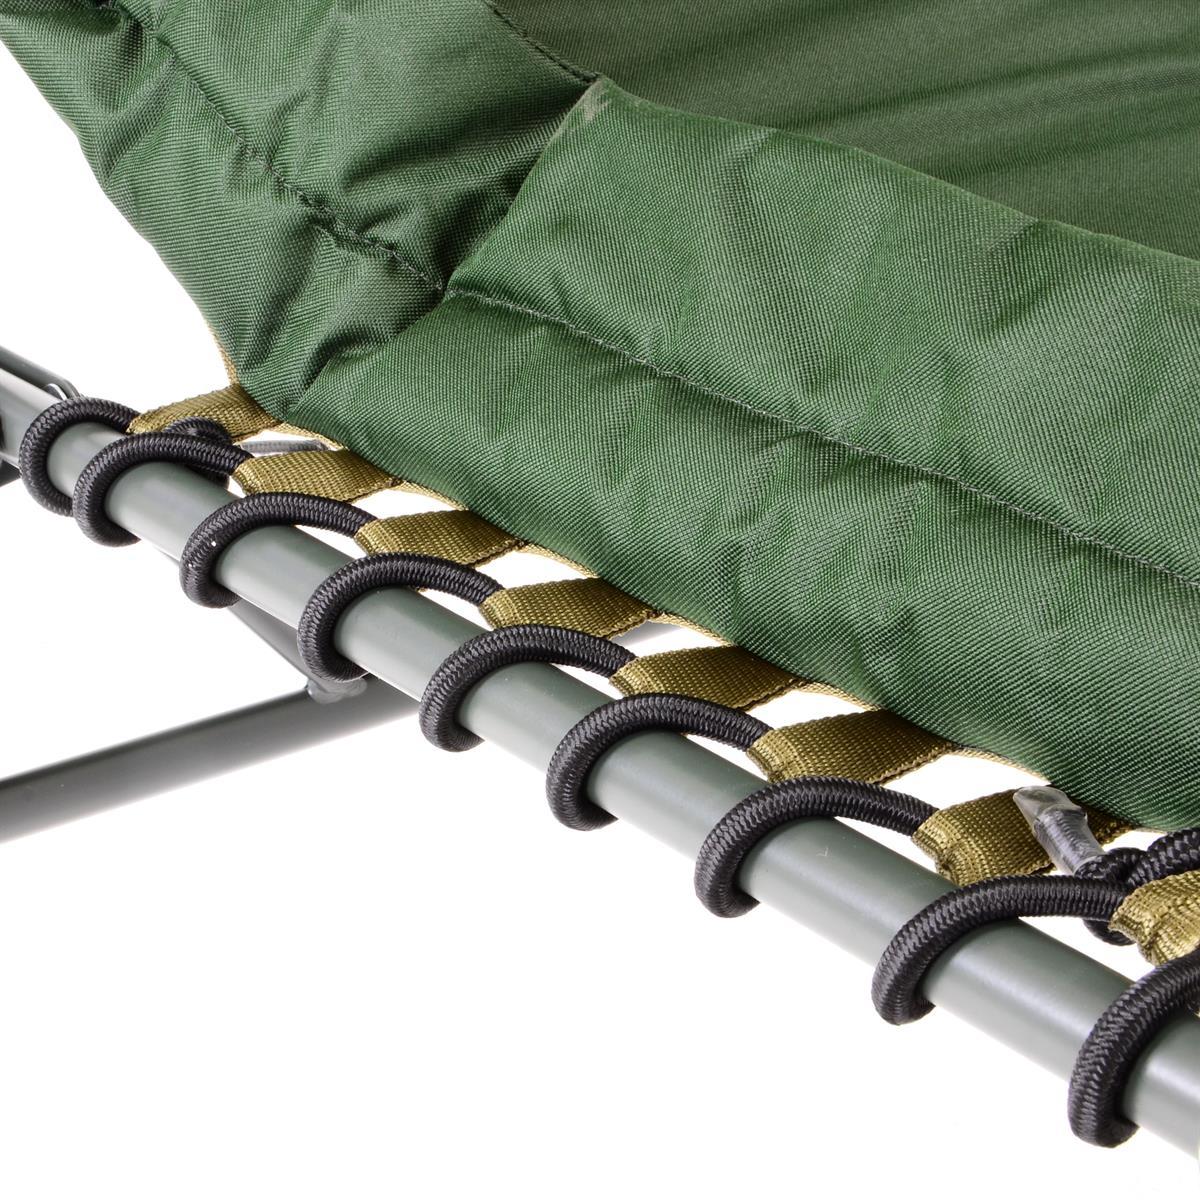 DIVERO Profi Karpfenliege Campingliege mit 6 Schlammfüßen Angelliege Liege grün